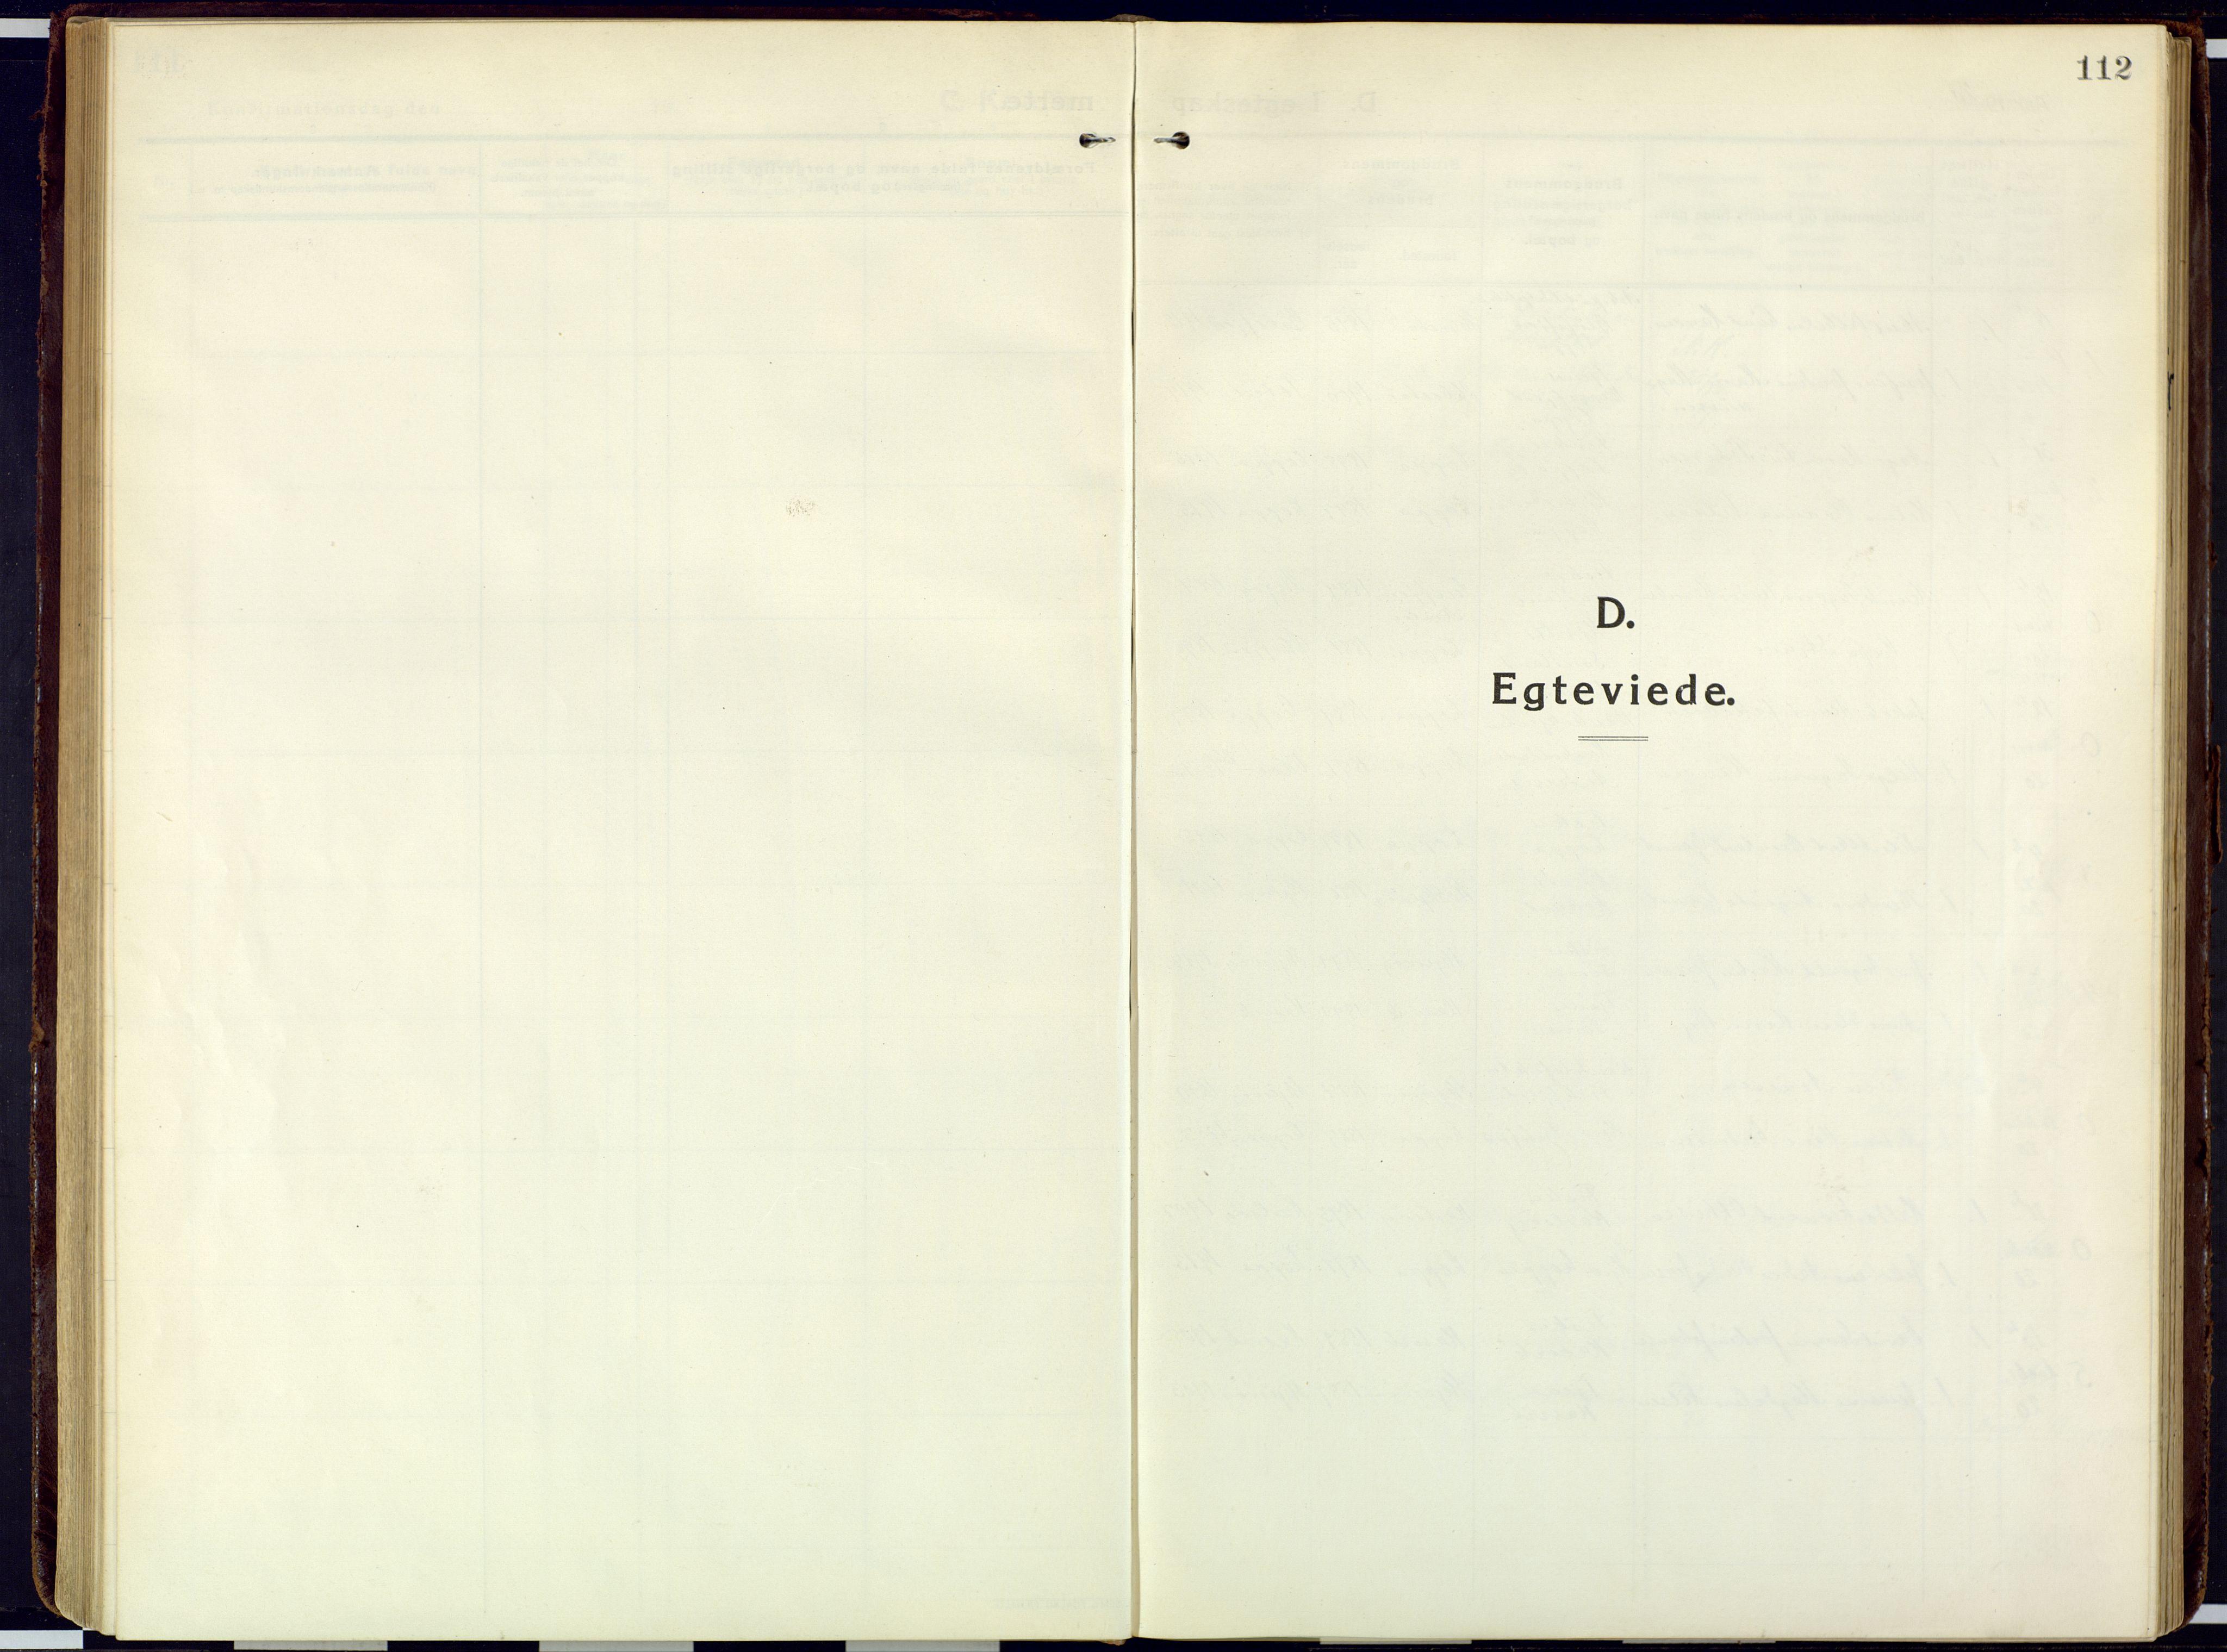 SATØ, Loppa sokneprestkontor, H/Ha/L0013kirke: Ministerialbok nr. 13, 1920-1932, s. 112